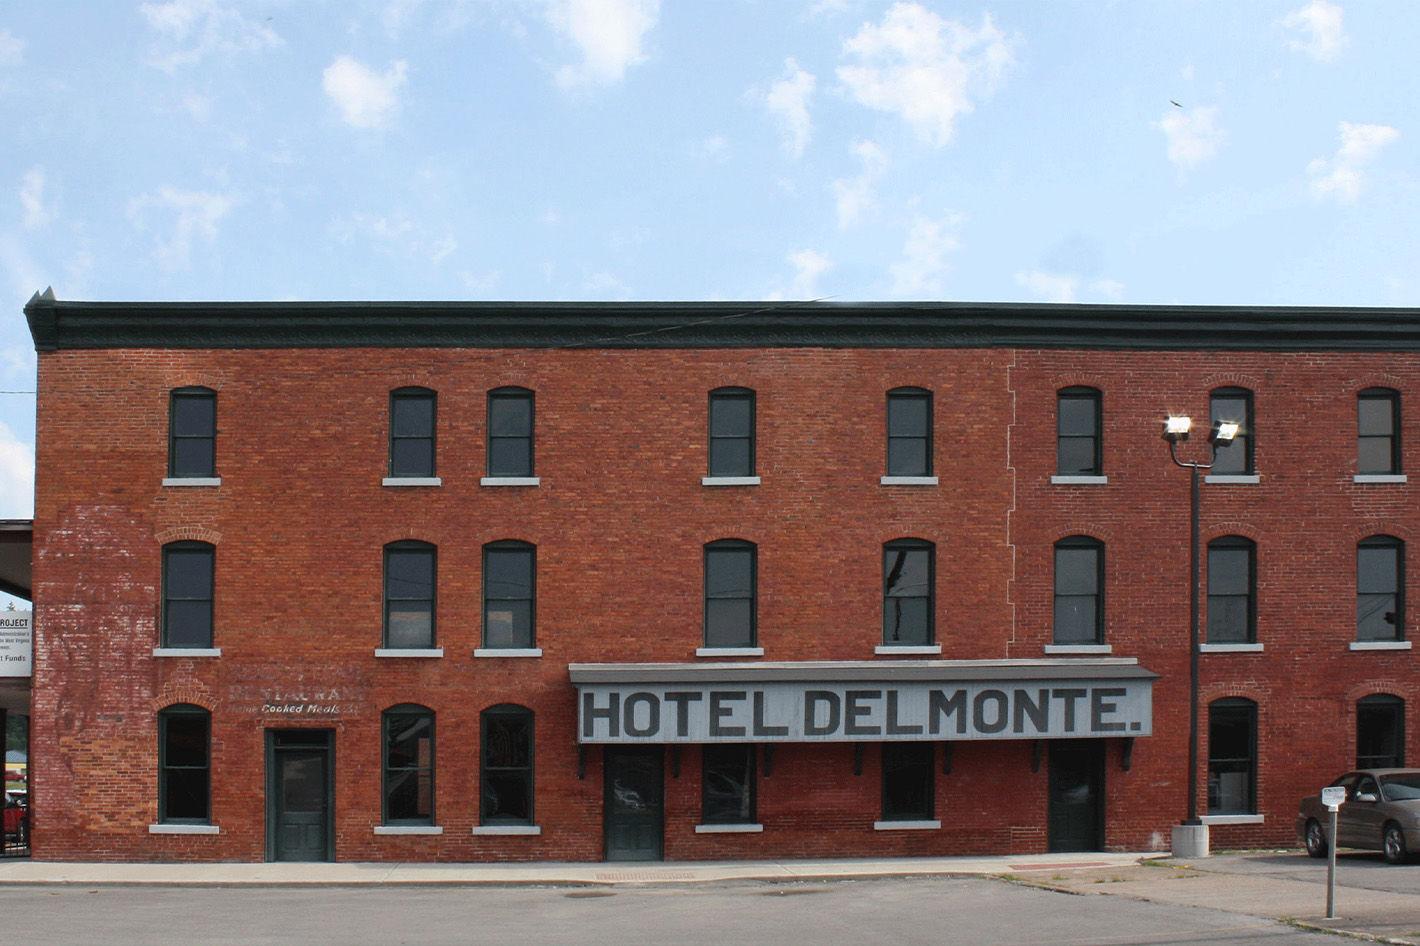 Hotel Delmonte  - Photo